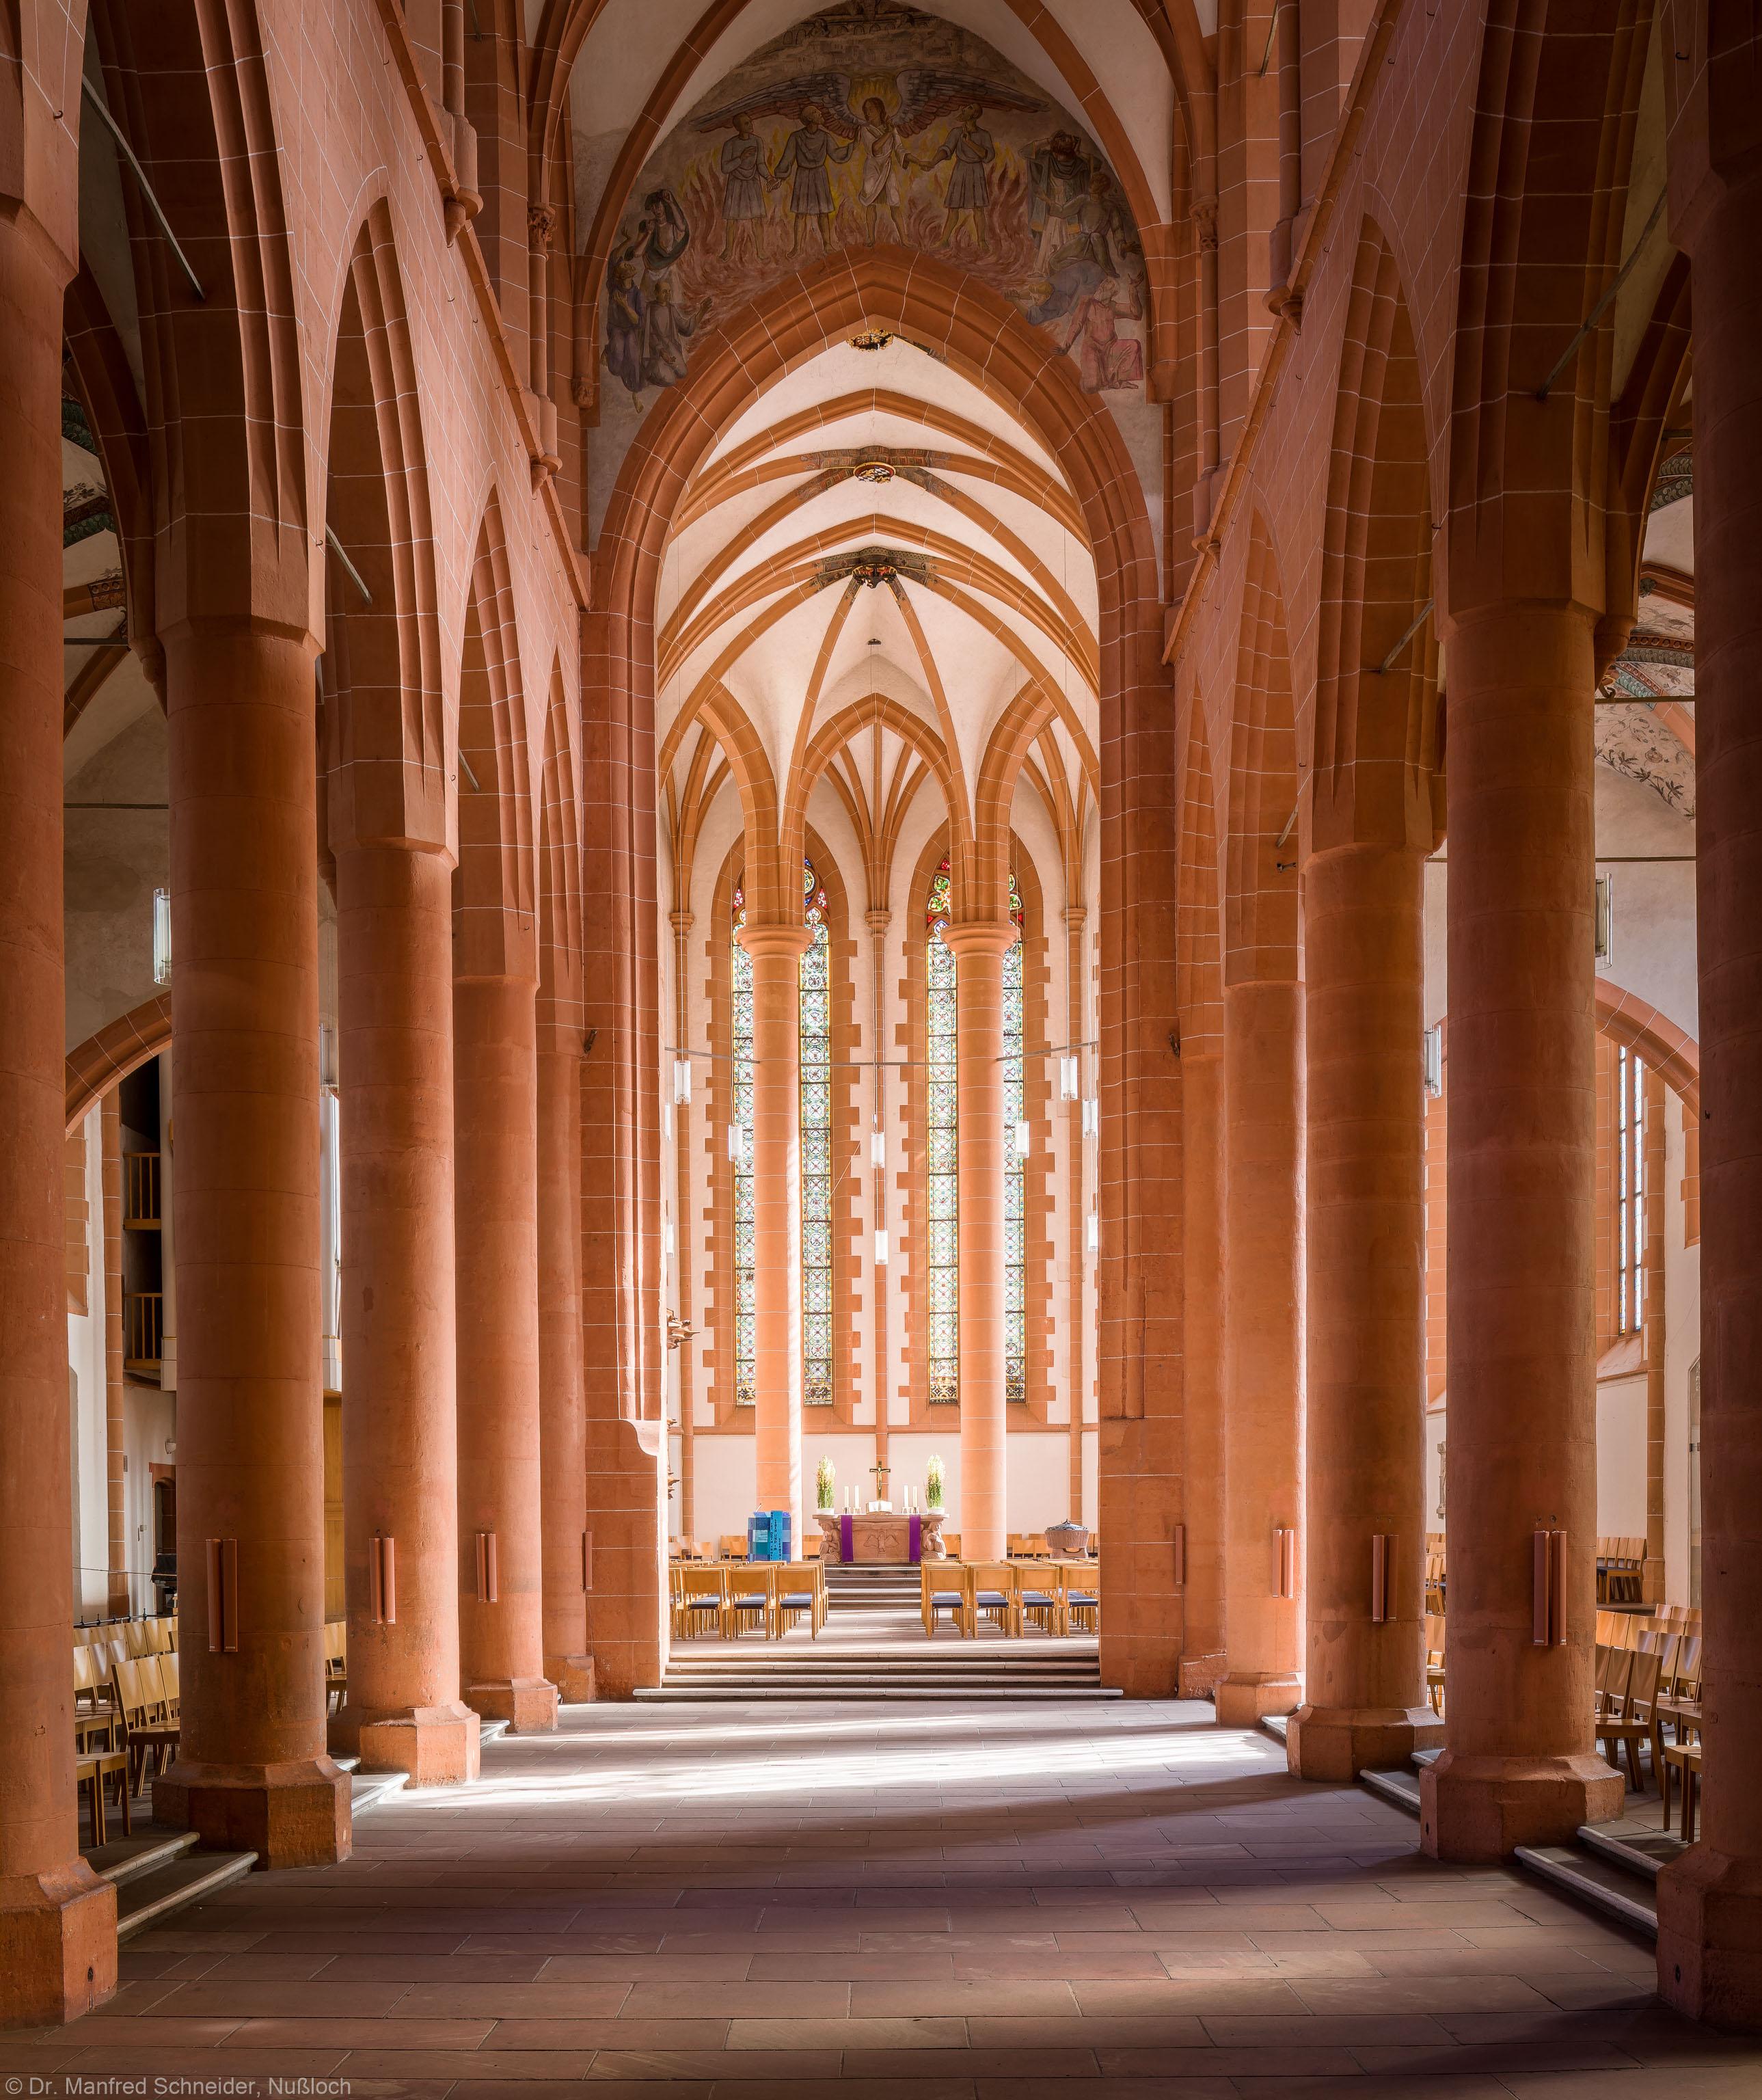 Heidelberg - Heiliggeistkirche - Mittelschiff (ohne Stühle) - Blick durch das Mittelschiff auf den Chor (aufgenommen im März 2013, am späten Vormittag)